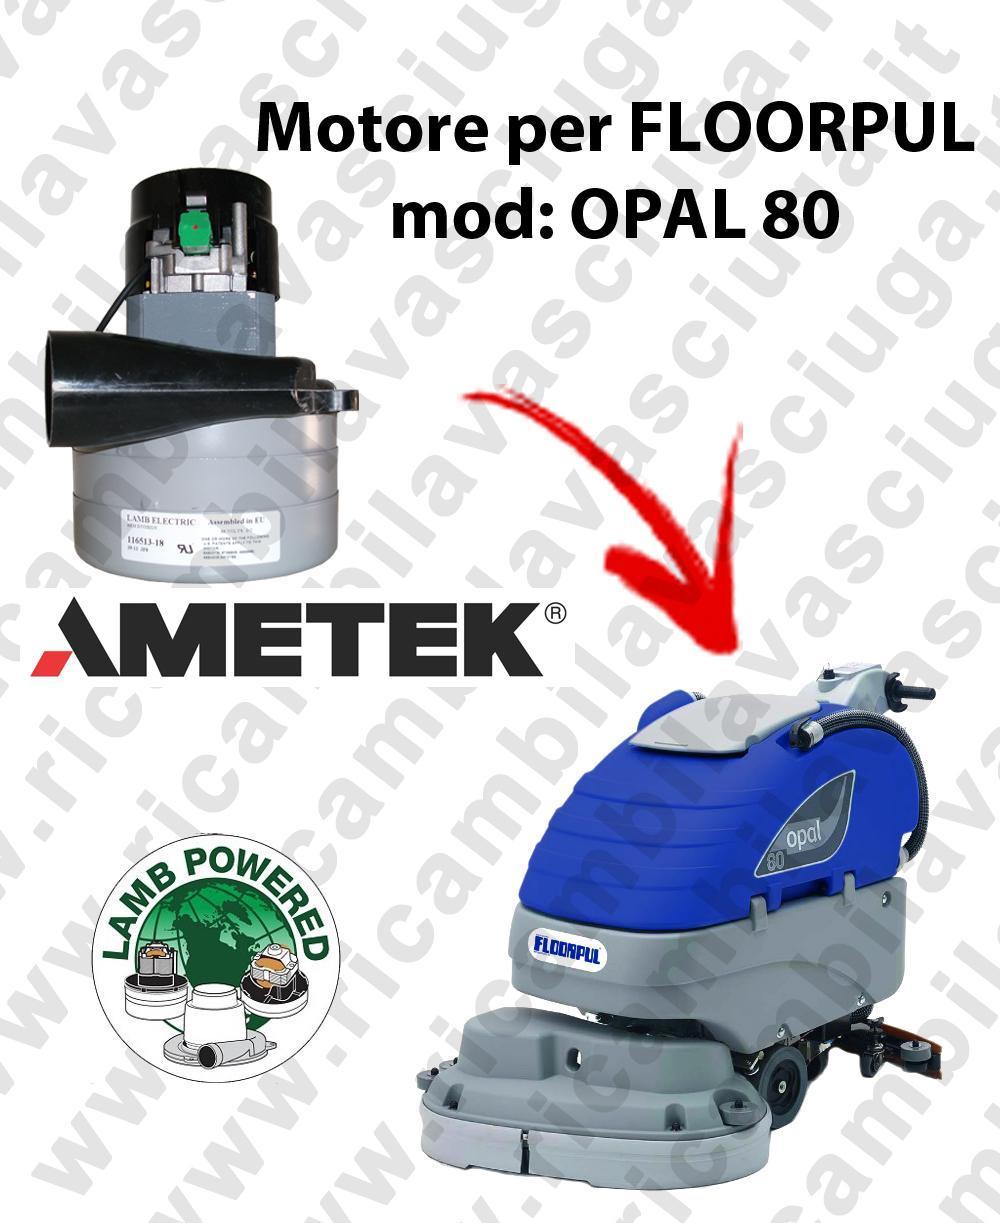 OPAL 80 MOTEUR ASPIRATION LAMB AMATEK pour autolaveuses FLOORPUL